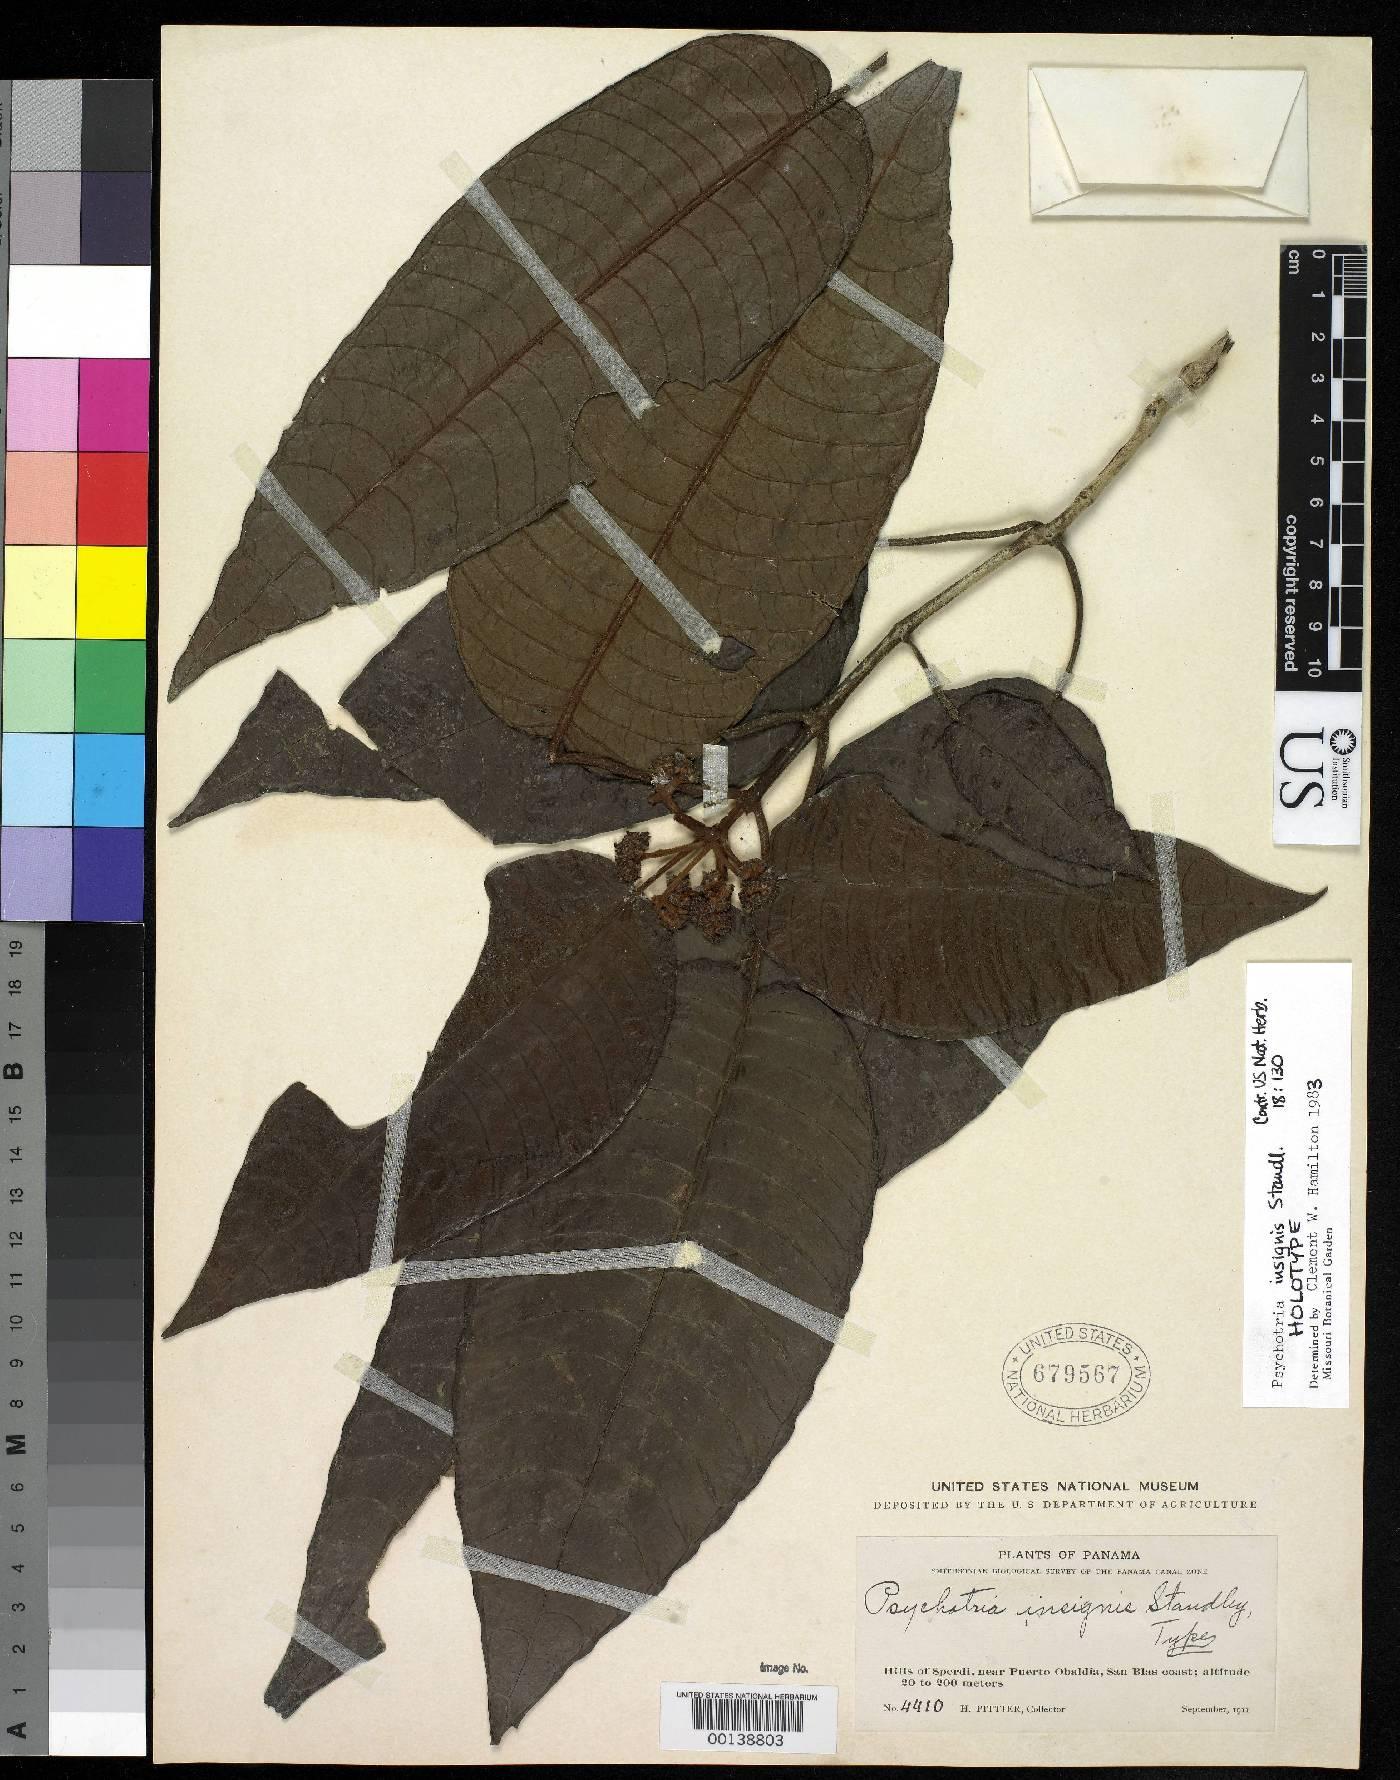 Psychotria insignis image